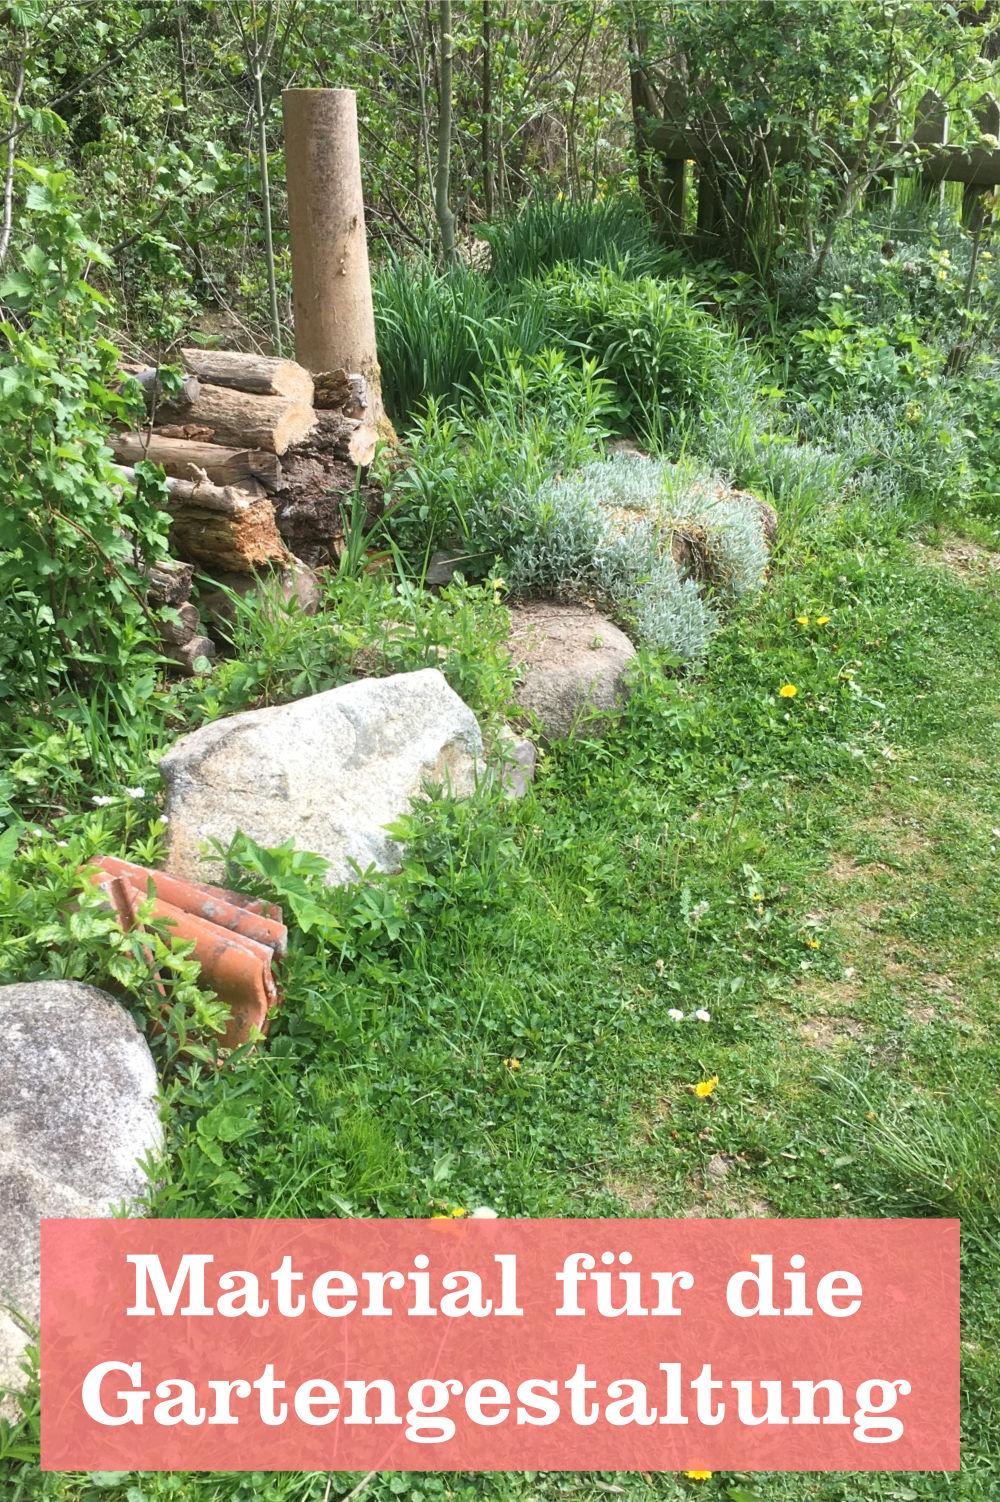 Material für die Gartengestaltung